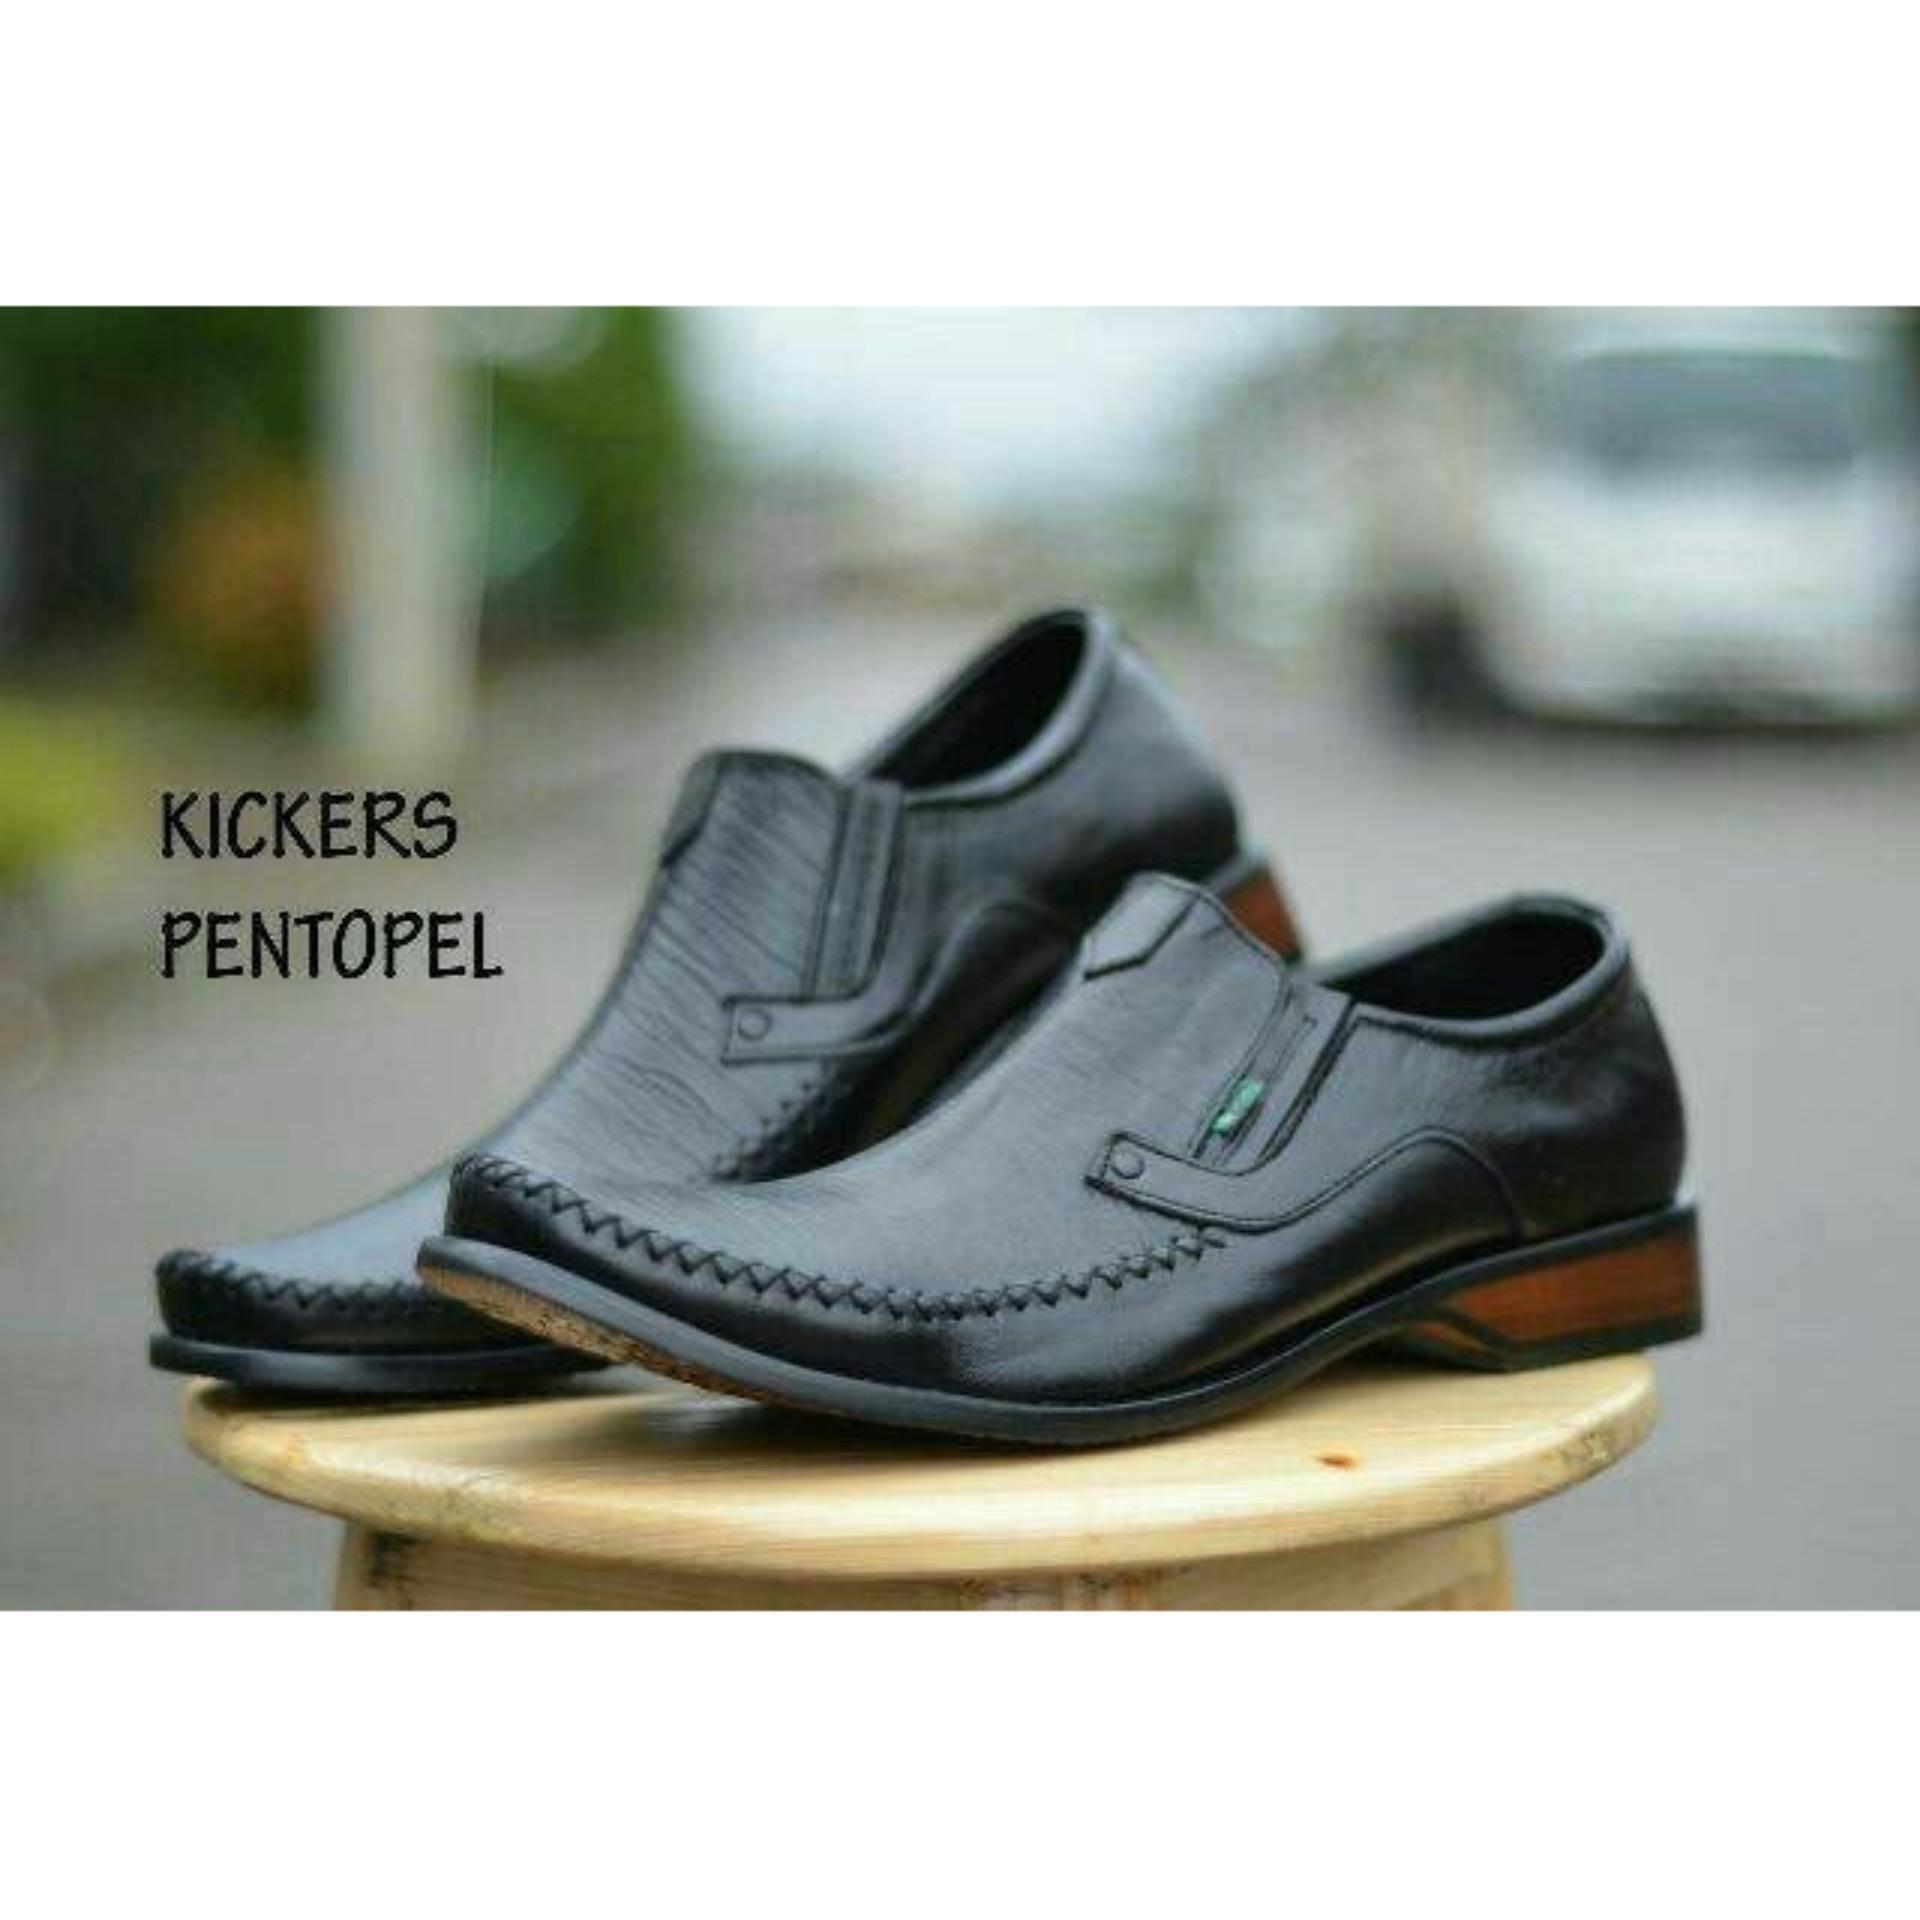 Spesifikasi Sepatu Pantofel Pria Kickers City Wood Terbaru